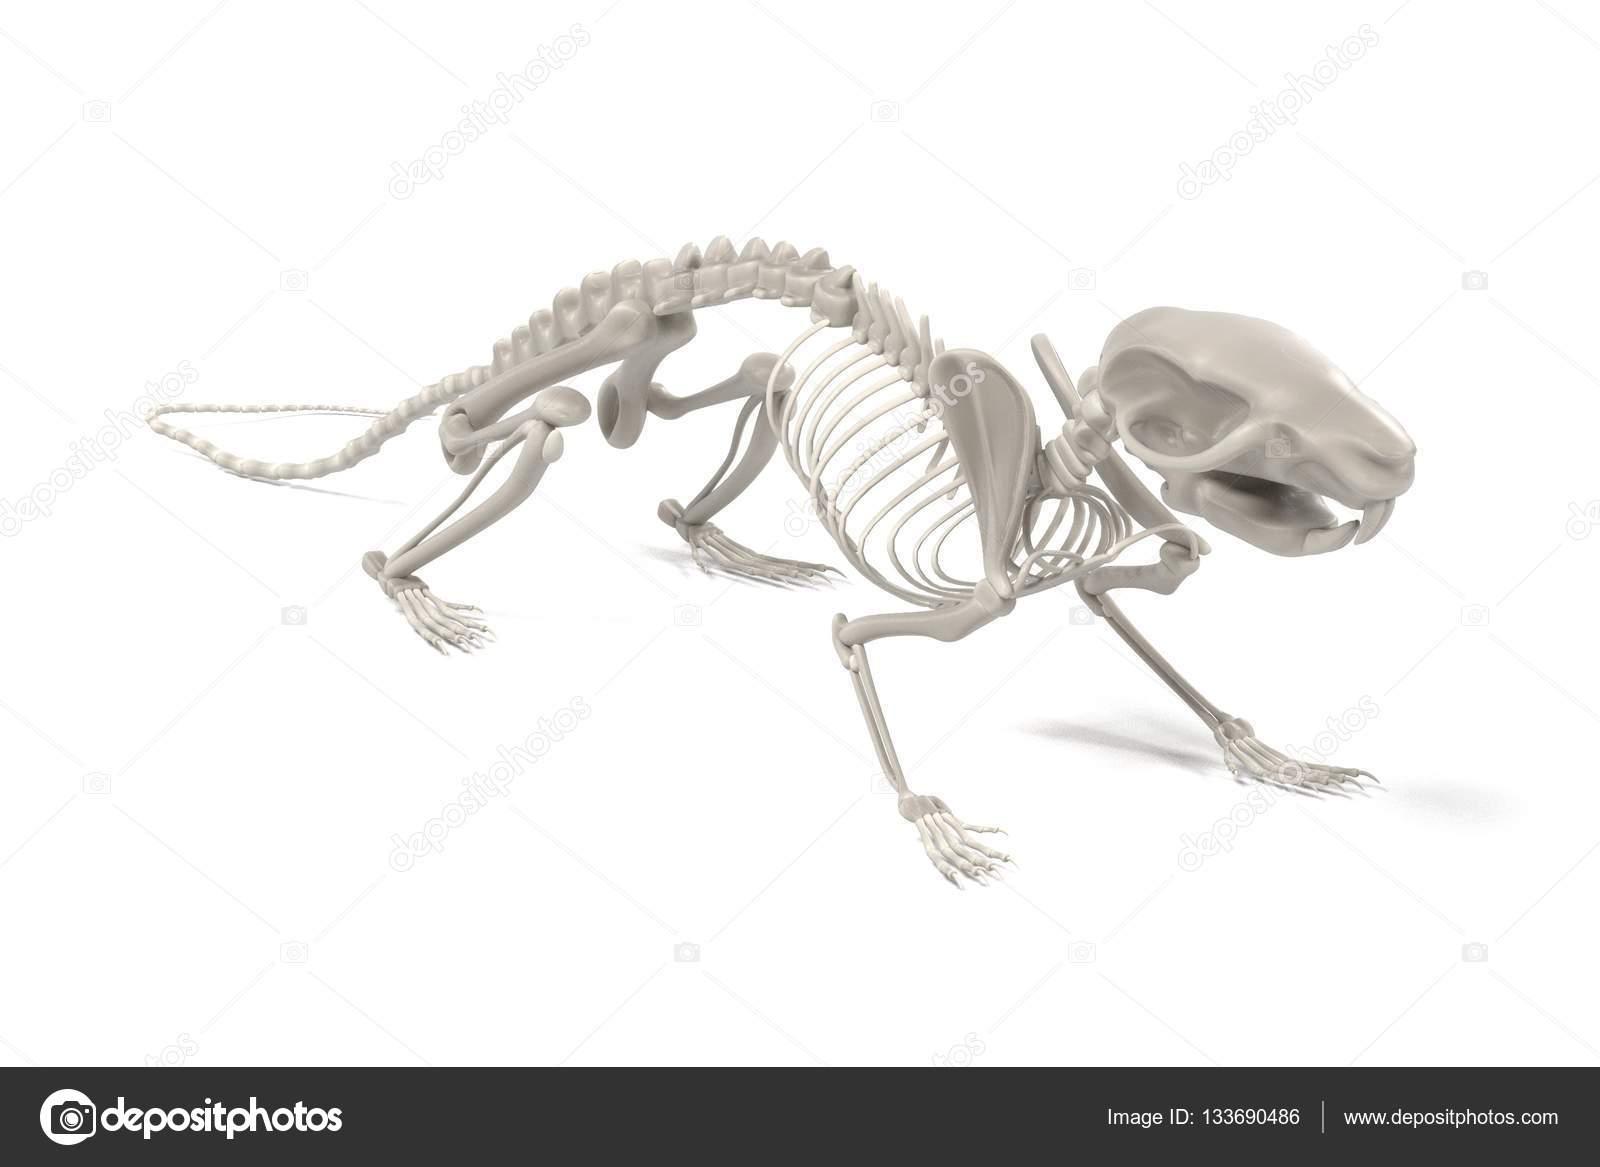 realistische 3d Render Ratte Skelett — Stockfoto © 3drenderings ...